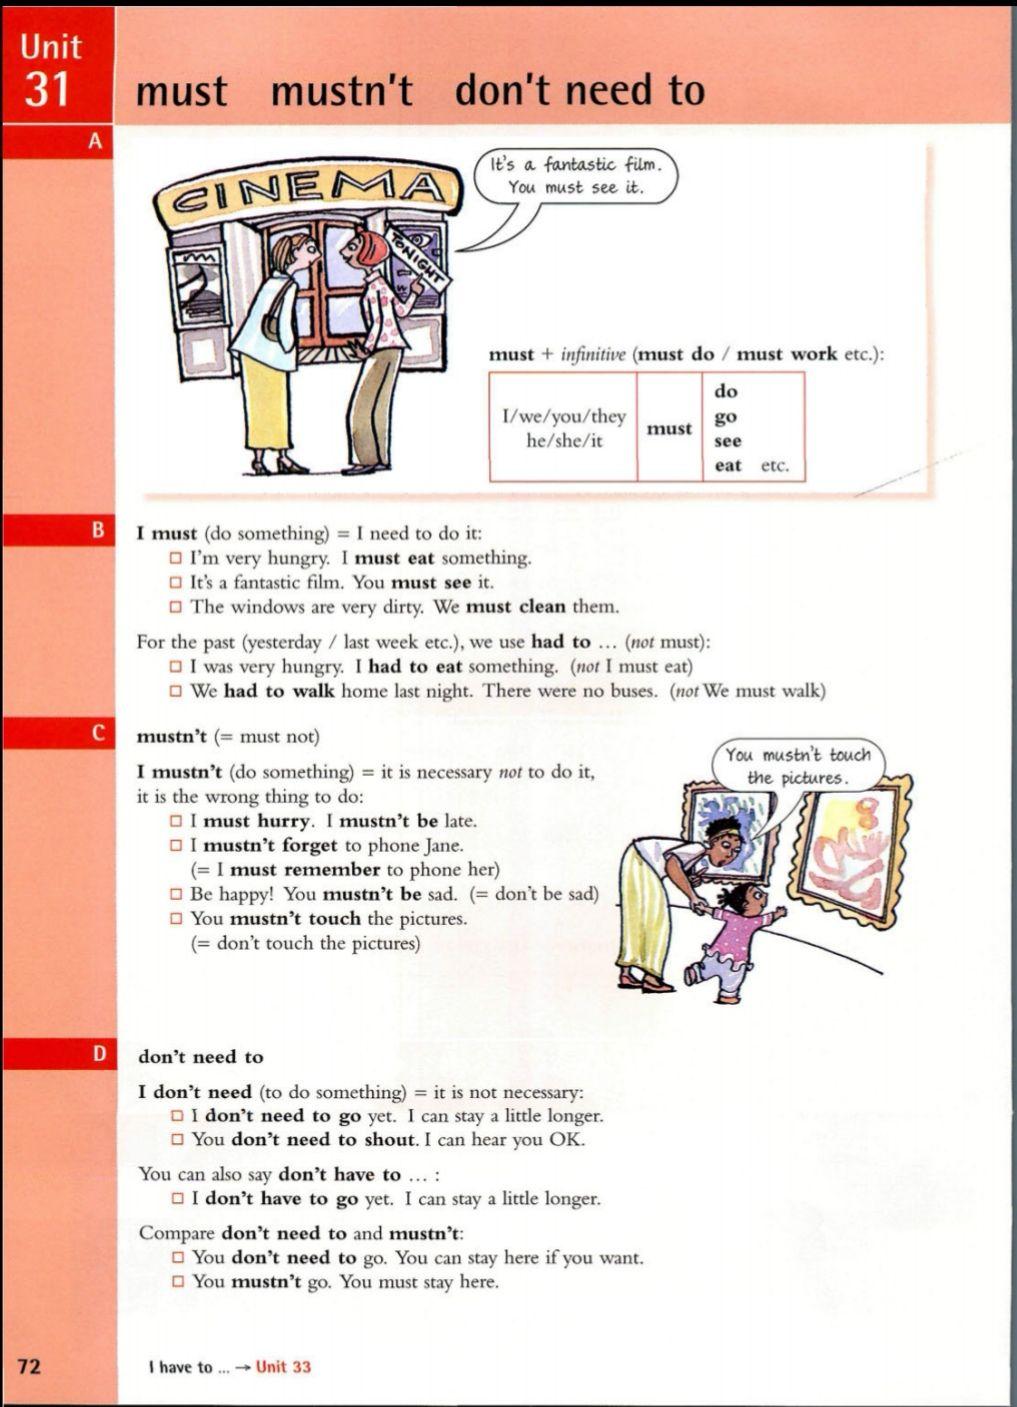 Unit 31 Computer Animation: Langue Anglais, Apprendre L